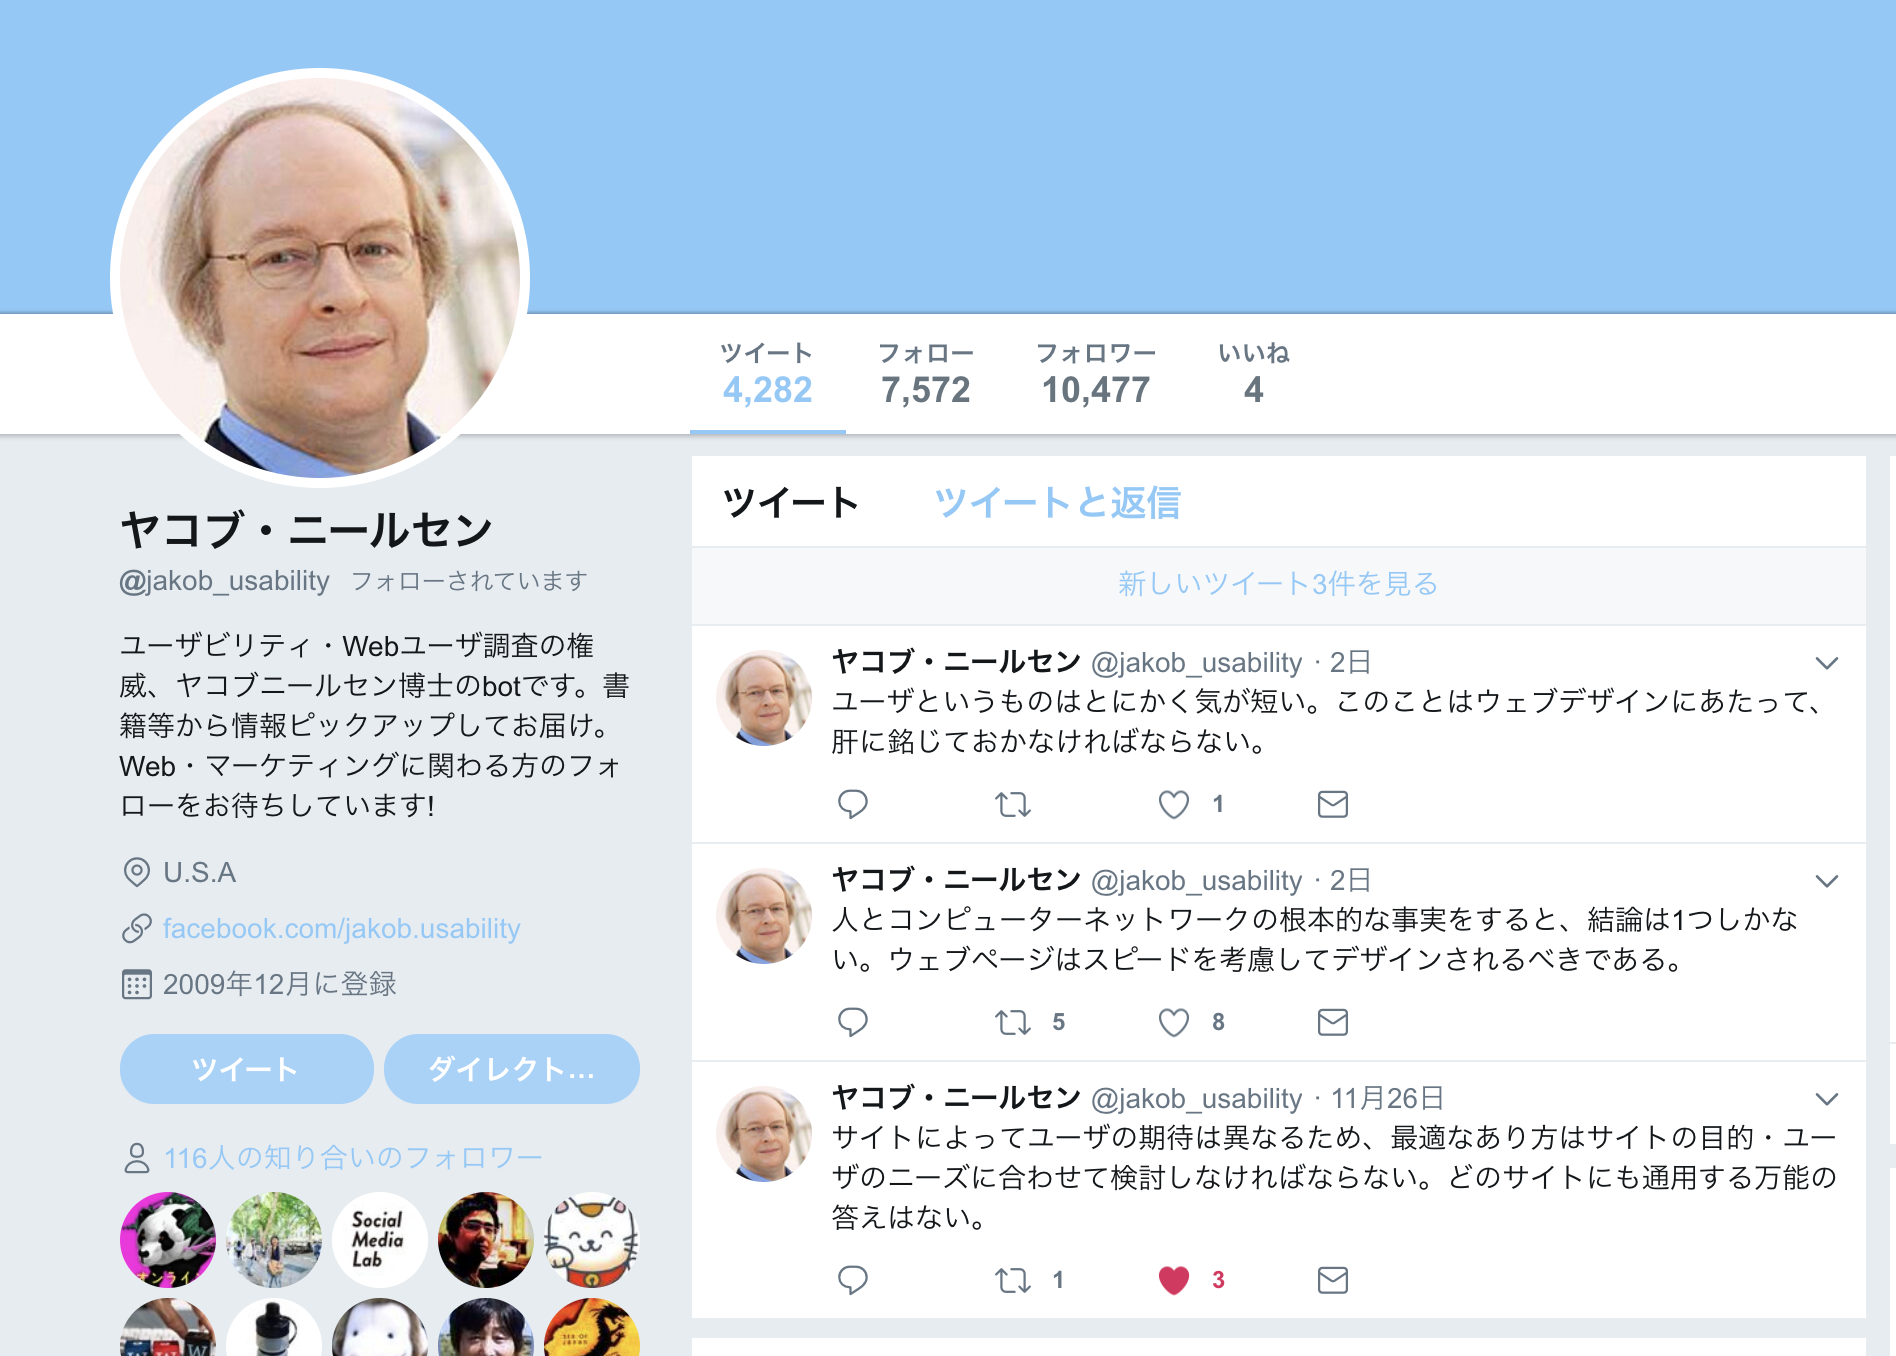 ヤコブニールセン博士twitter